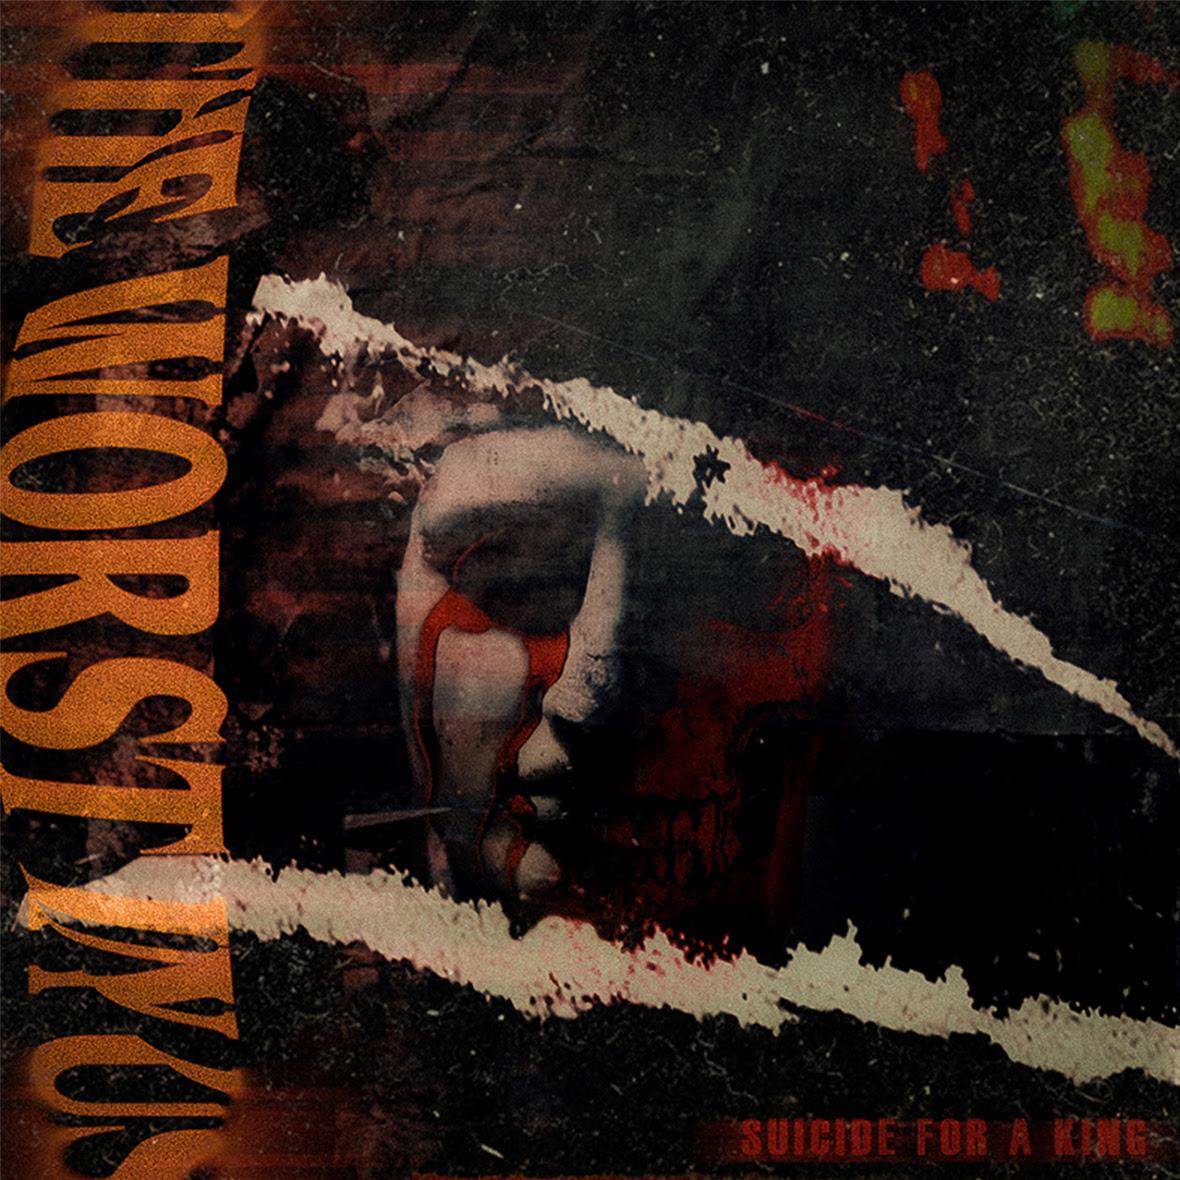 SFAK THEWORSTINUS COVER